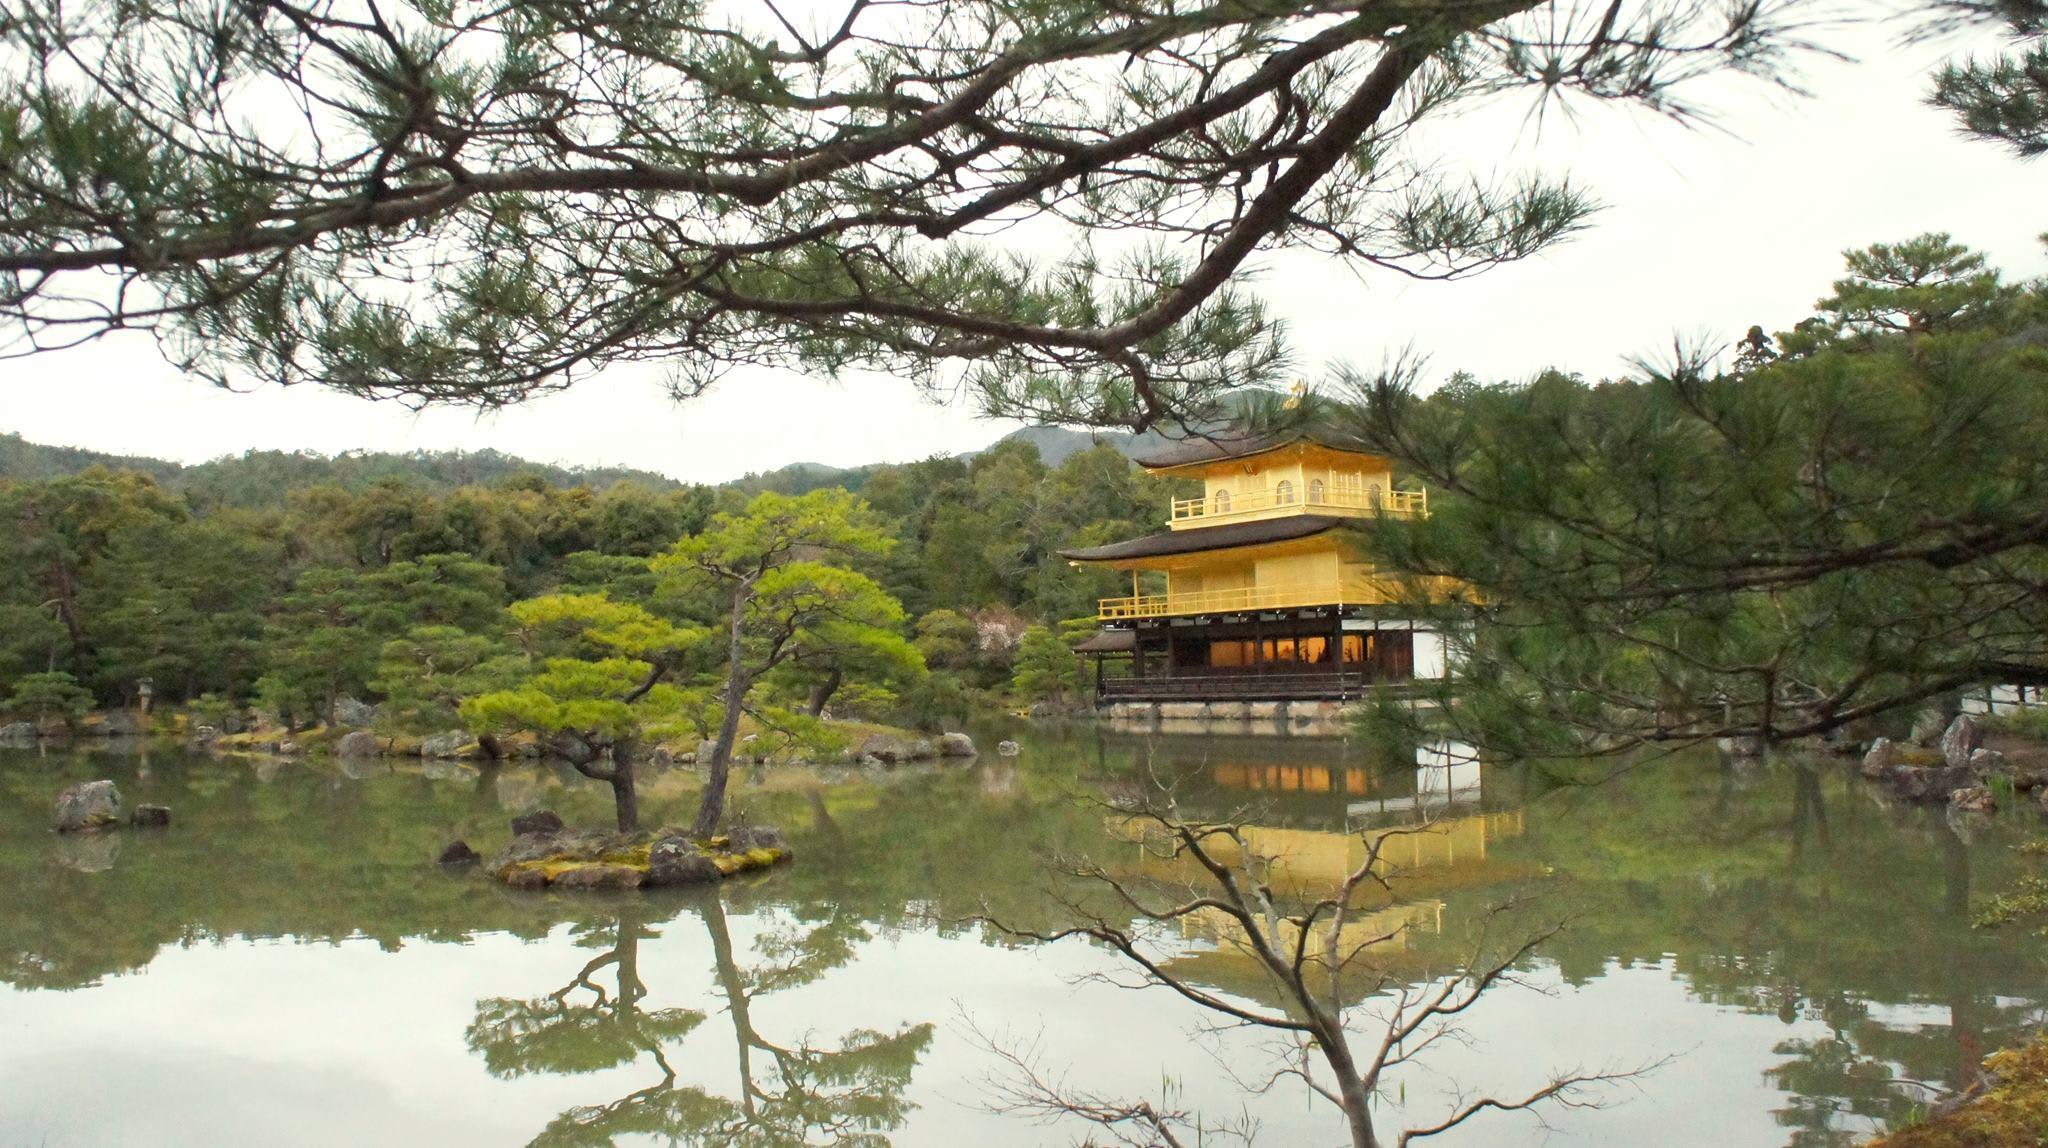 kinkakuji là địa điểm đáng đến trong chuyến ngắm hoa anh đào